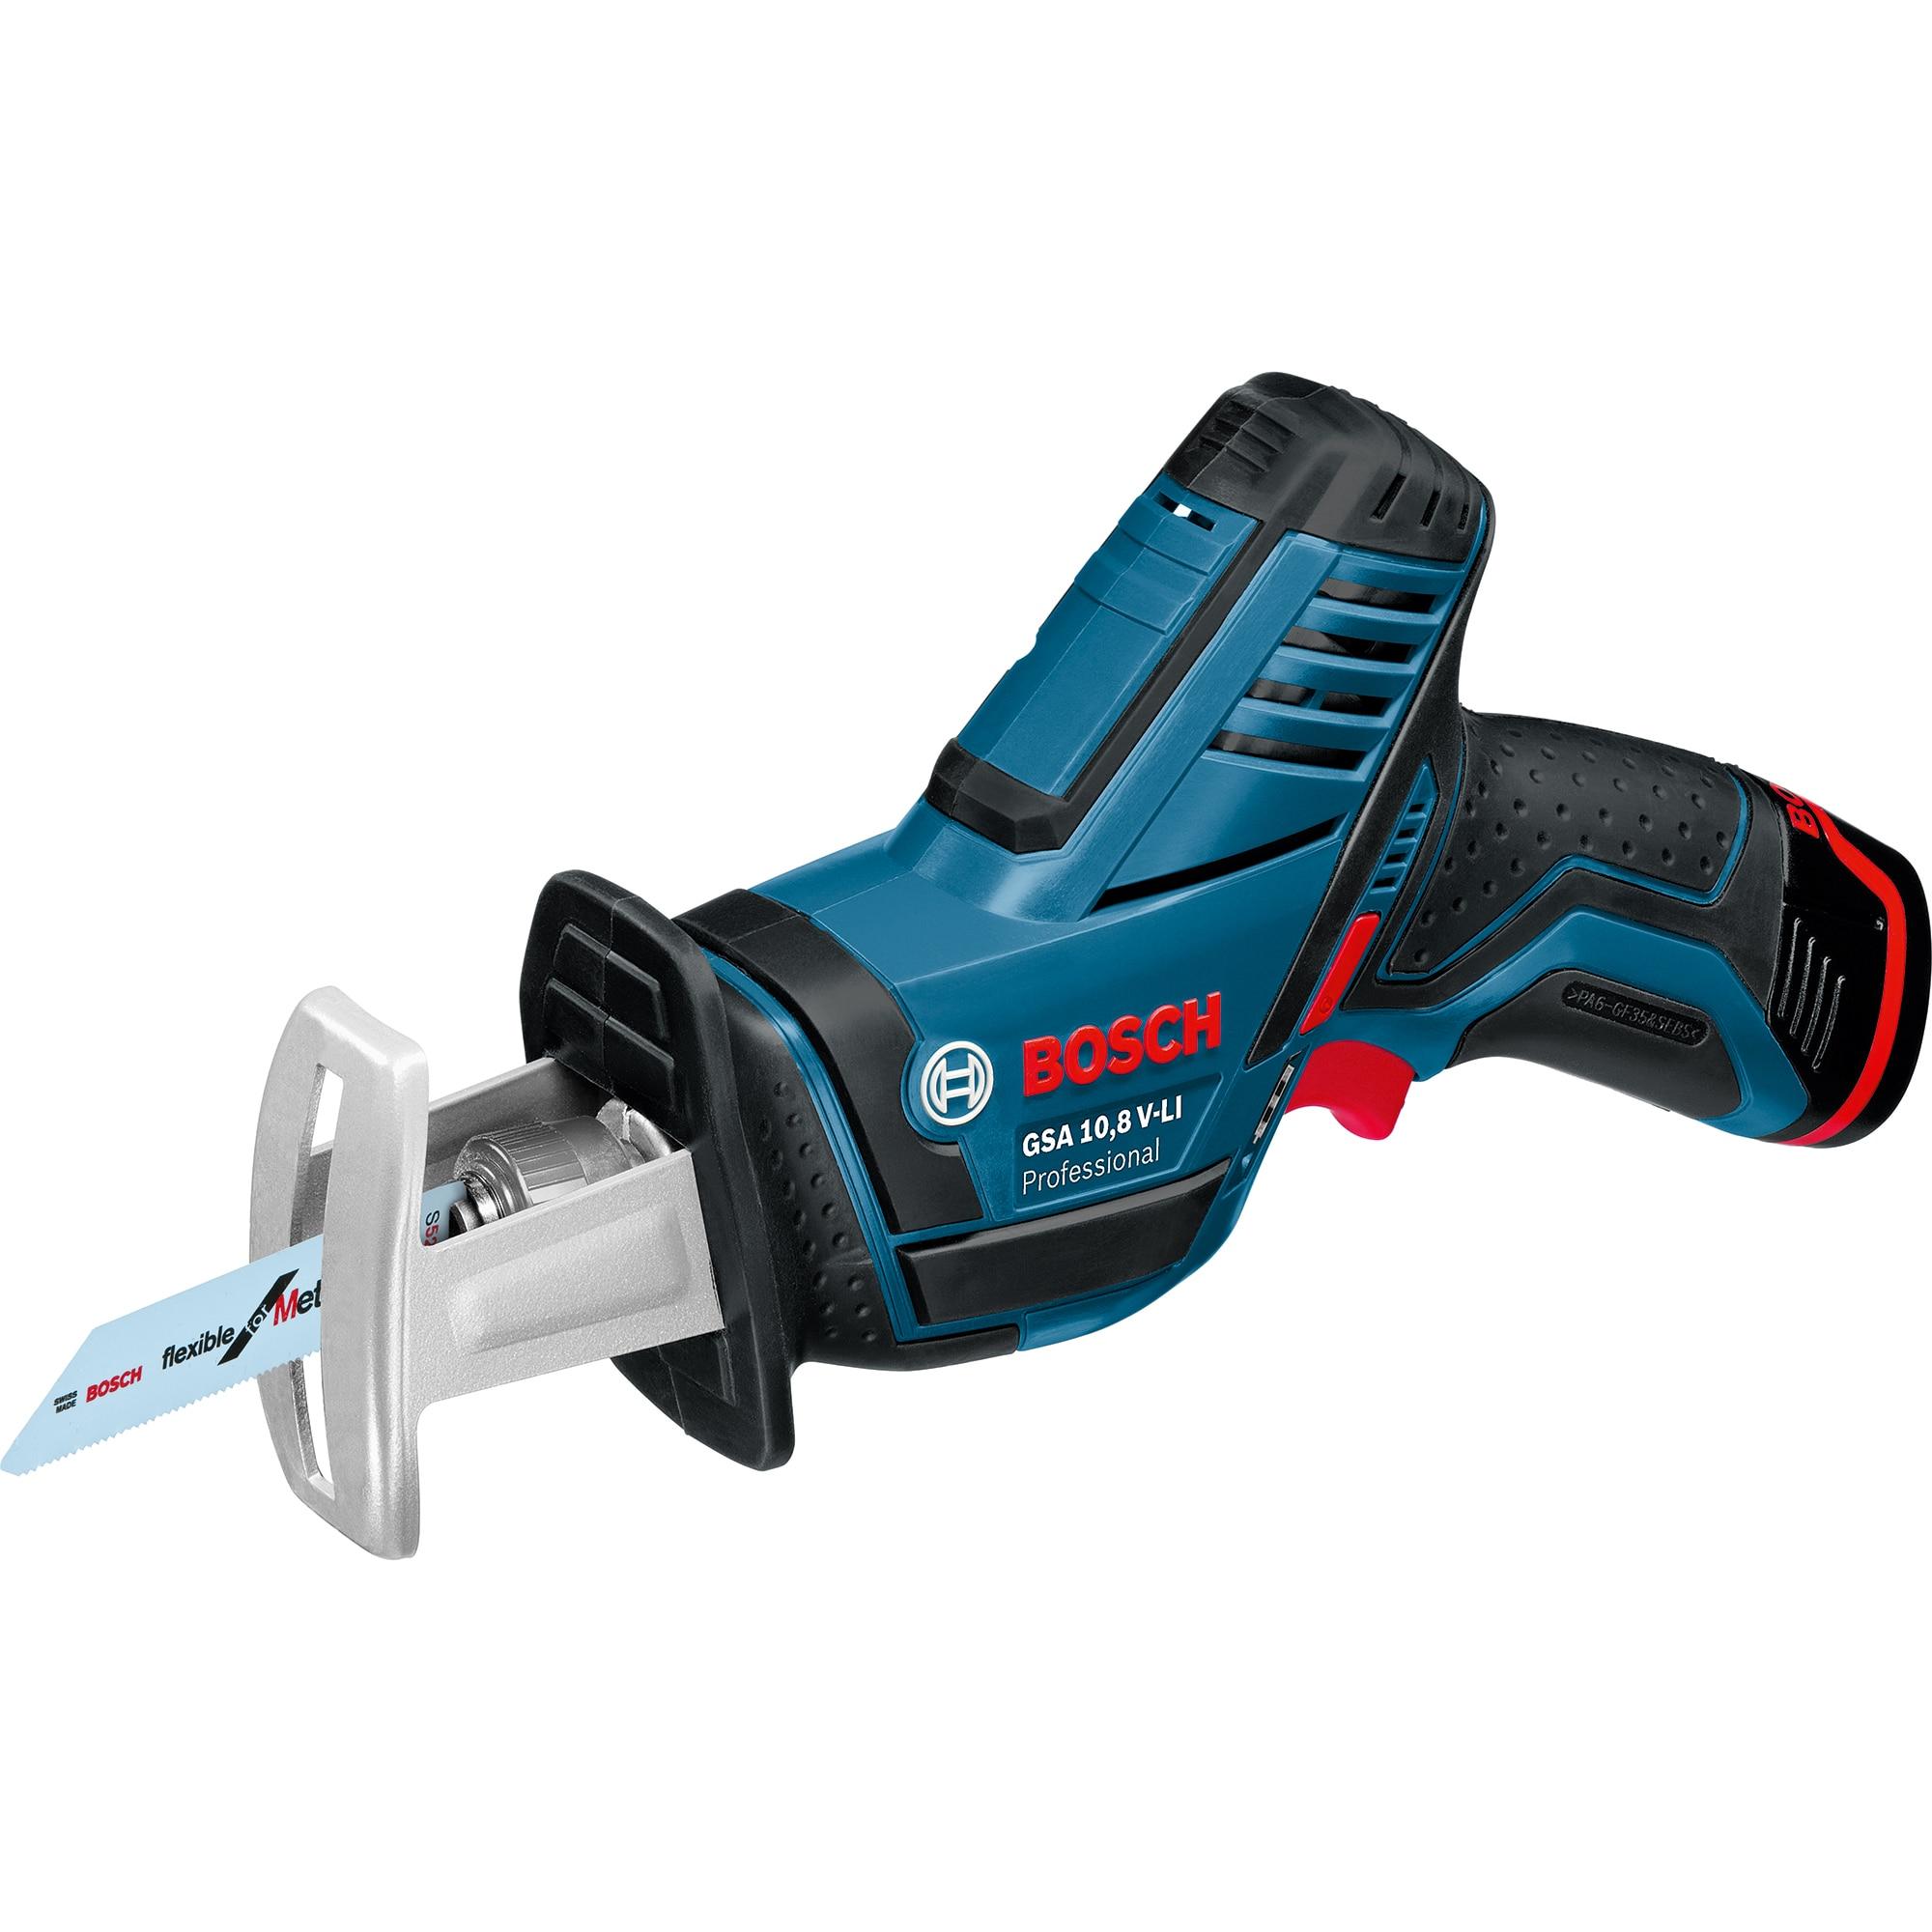 Fotografie Ferastrau sabie pe acumulator Bosch Professional GSA 12V-14 Solo, 65 mm adancime taiere lemn, 14.5 mm lungime cursa, 3000 curse/min, accesorii incluse, fara acumulator/incarcator